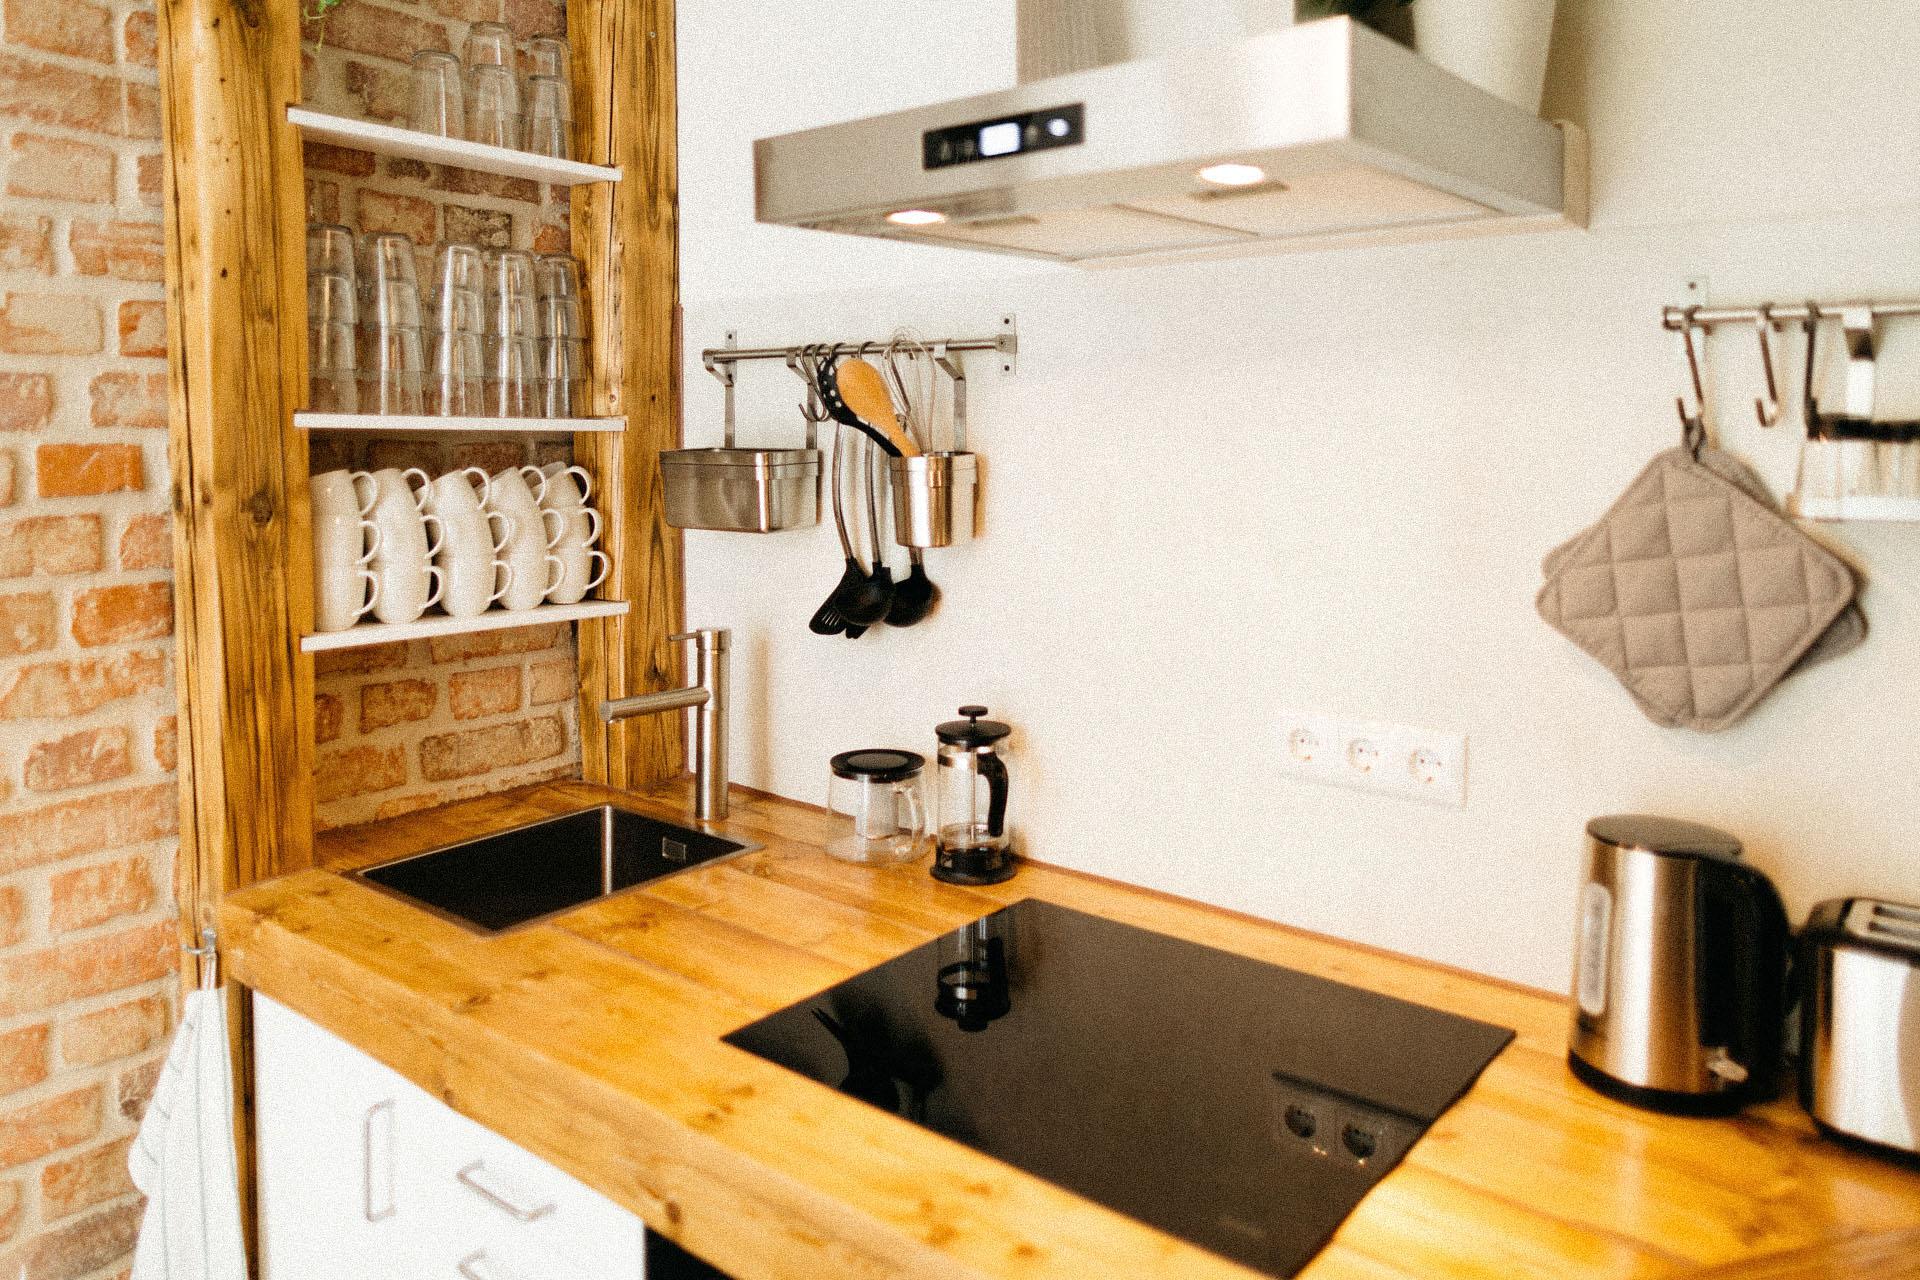 Schöne Holzküche mit Backstein wänden und viel bereitgestelltes Geschirr, einem Herd, und einer großen Spüle